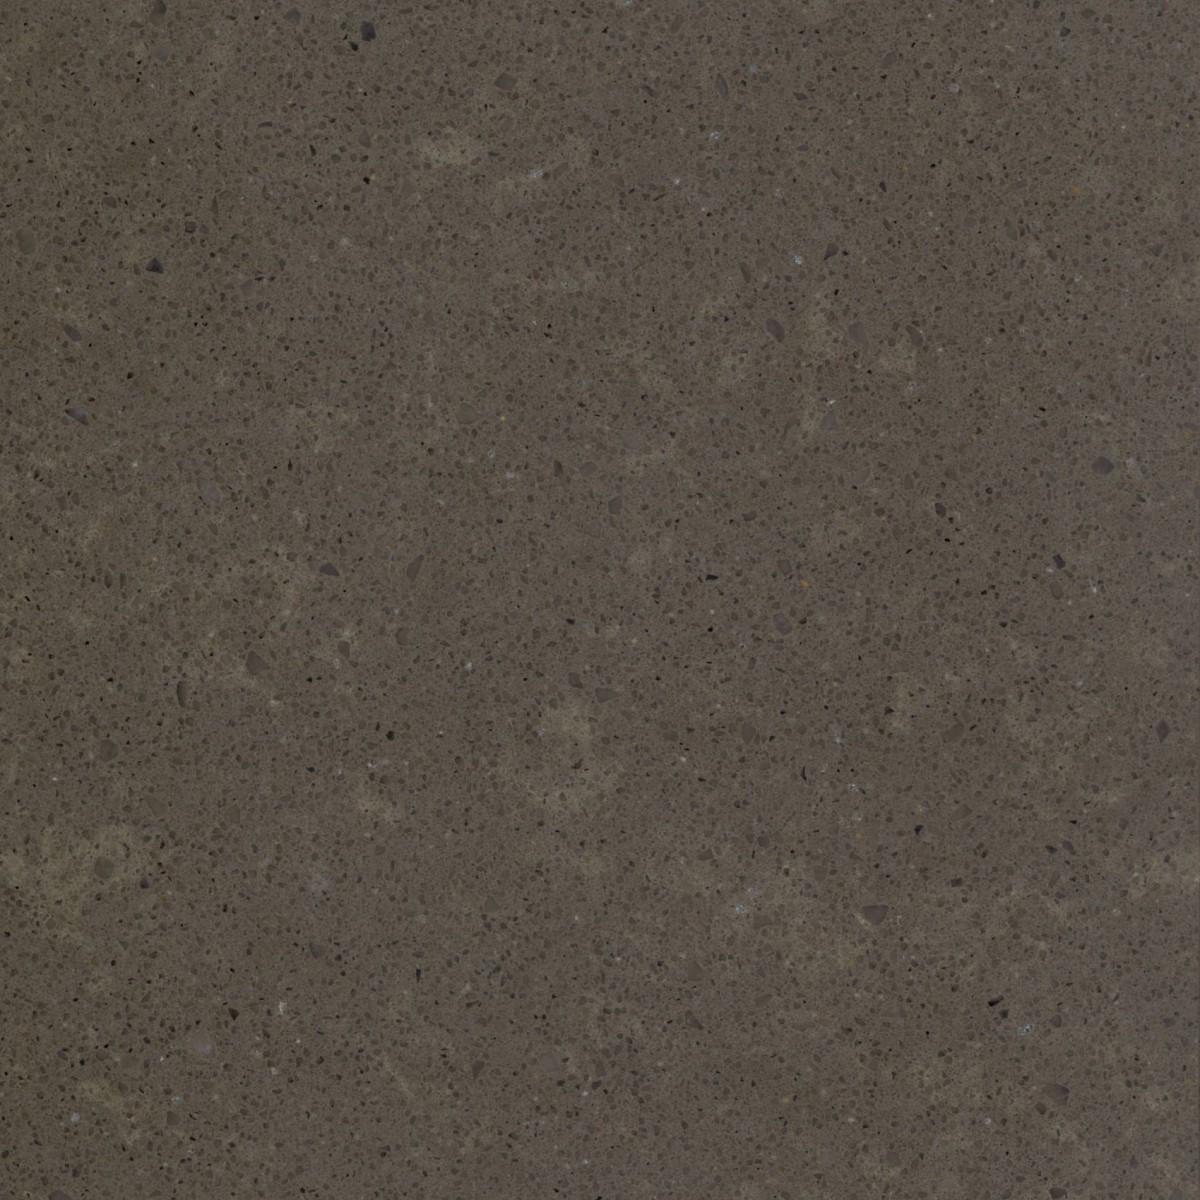 unistone Jura Brown quartz kitchen worktops 1